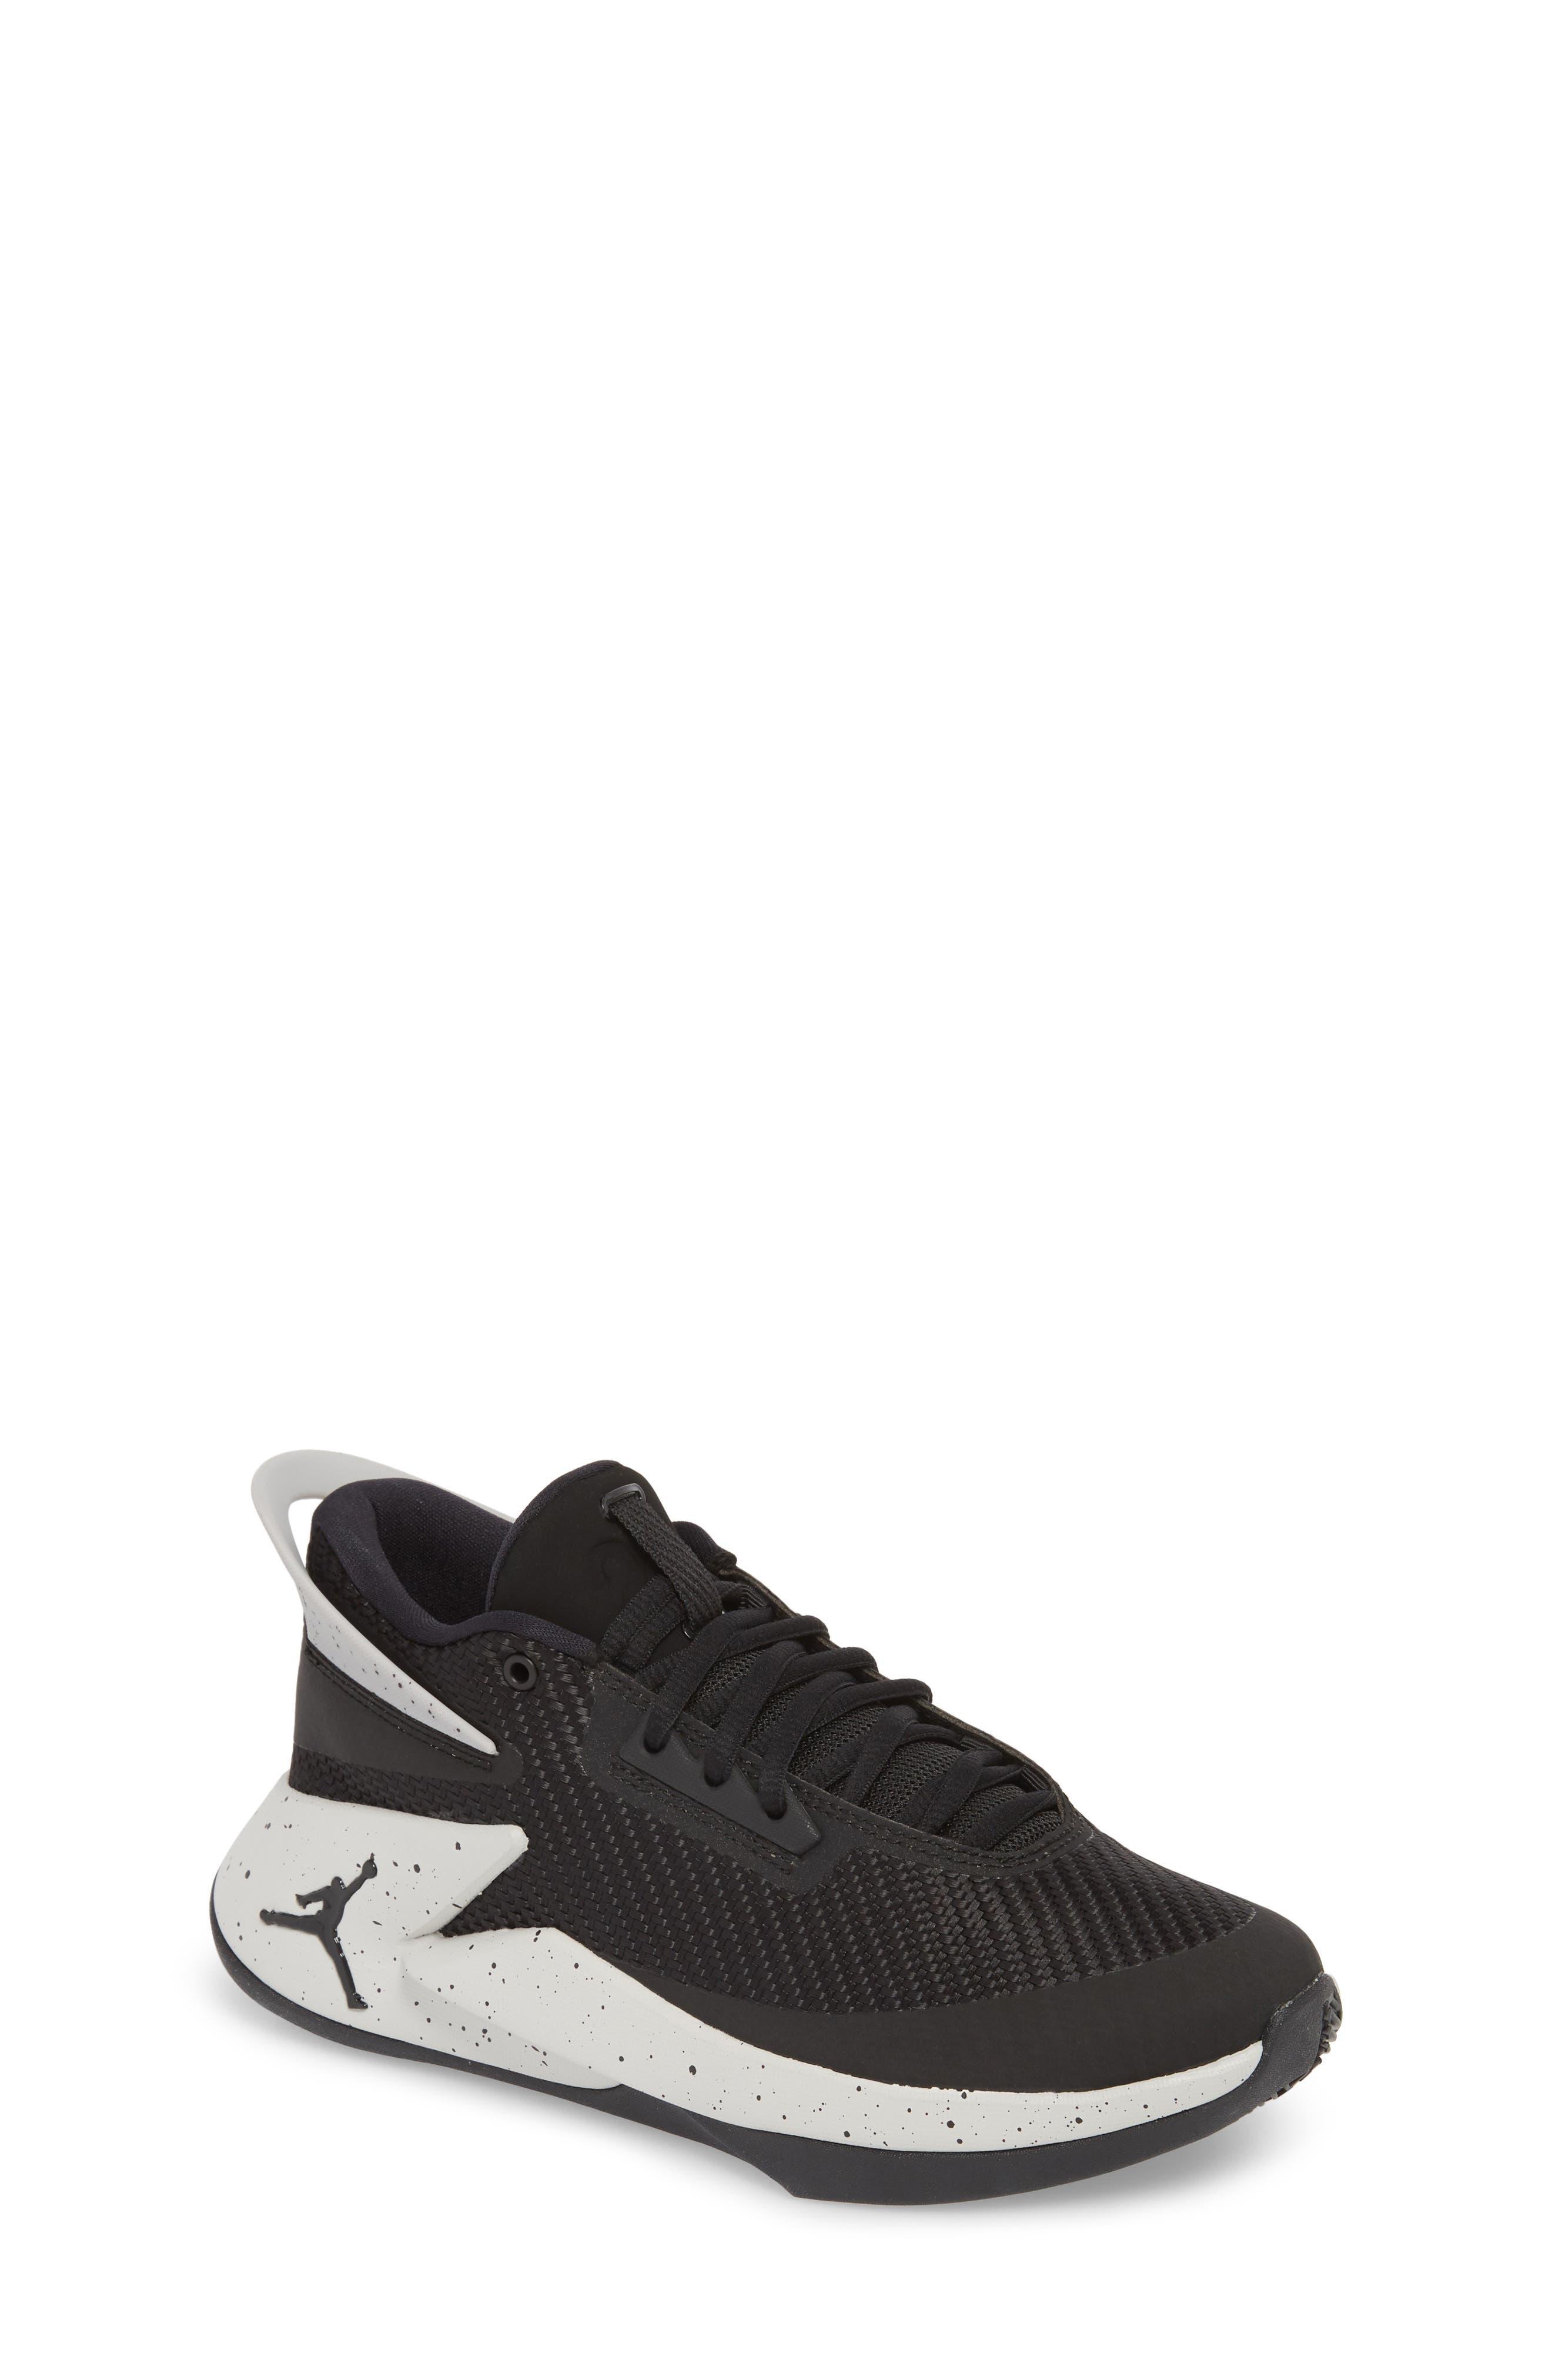 JORDAN Nike Jordan Fly Lockdown Sneaker, Main, color, 010